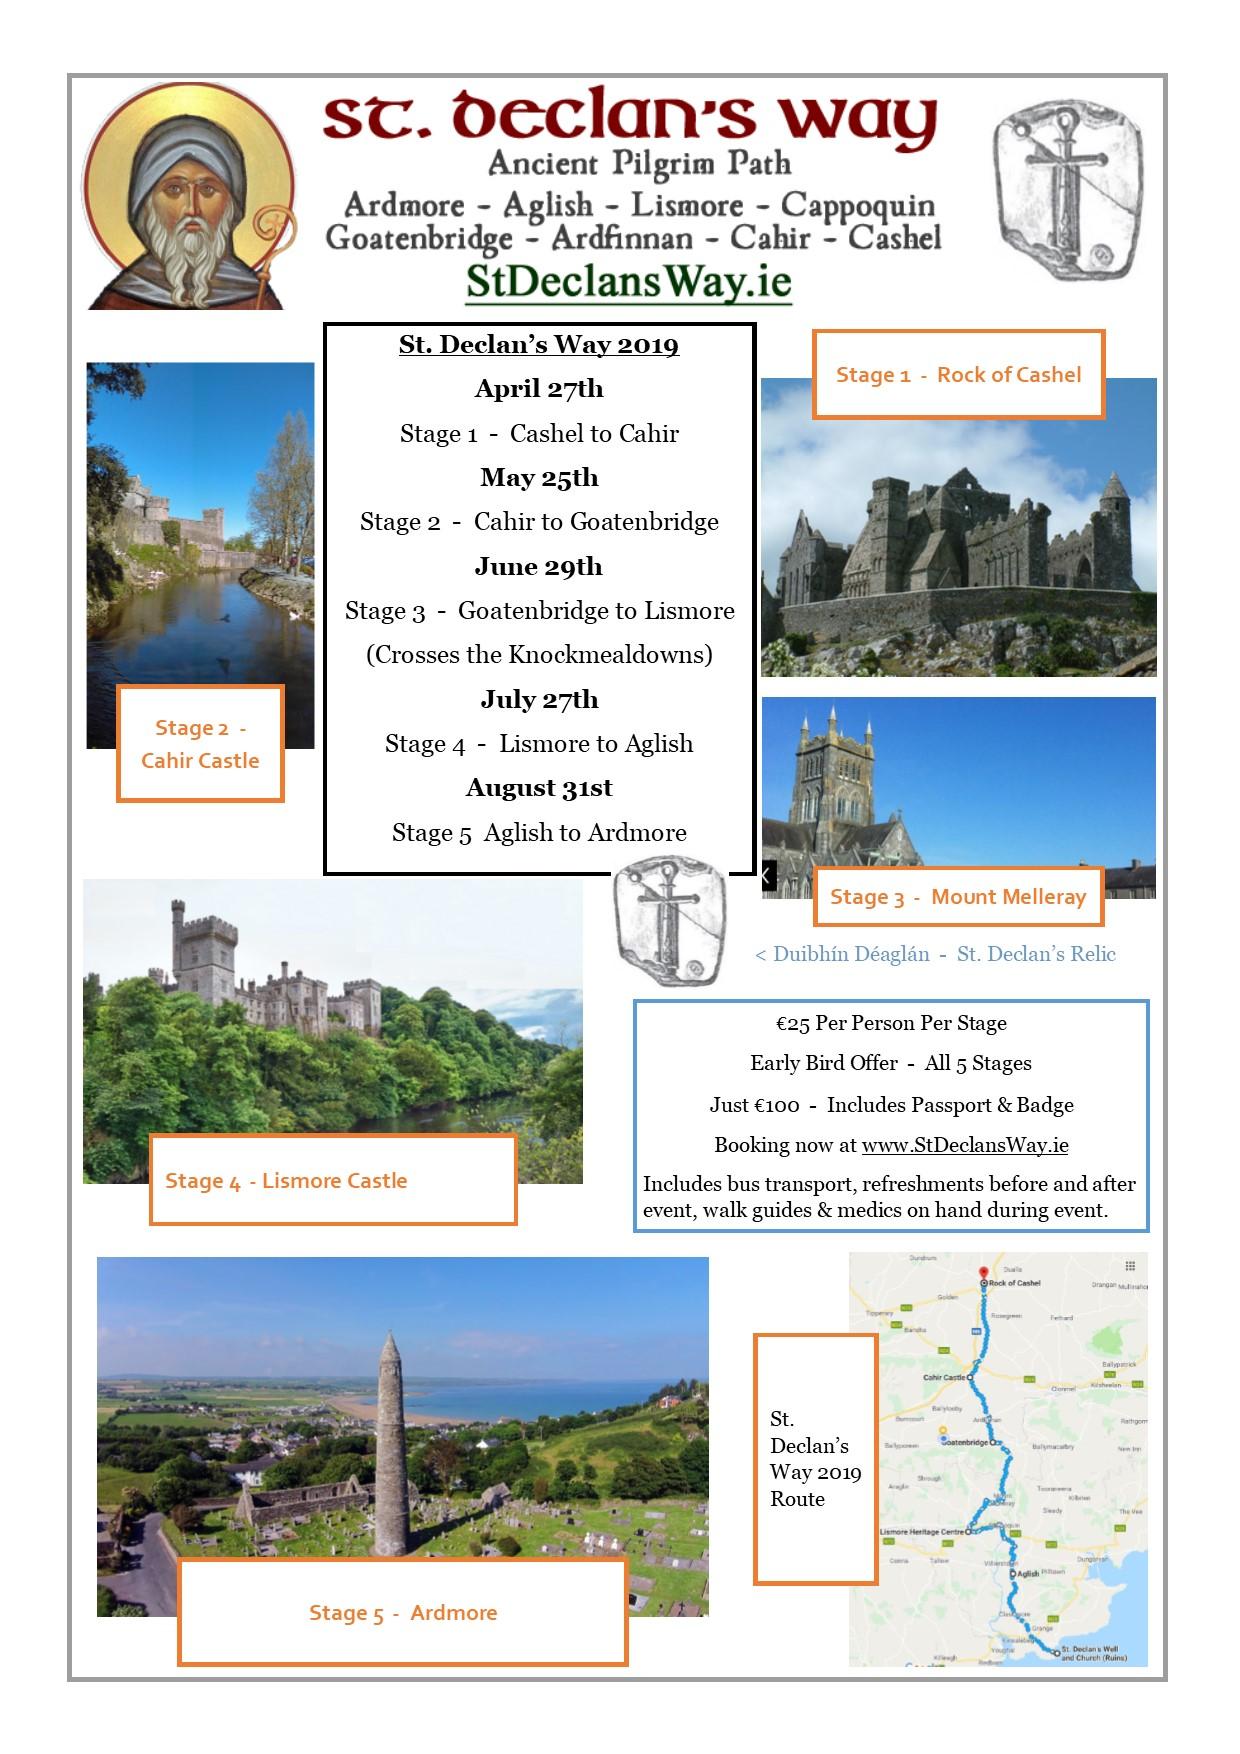 St. Declan's Way Brochure